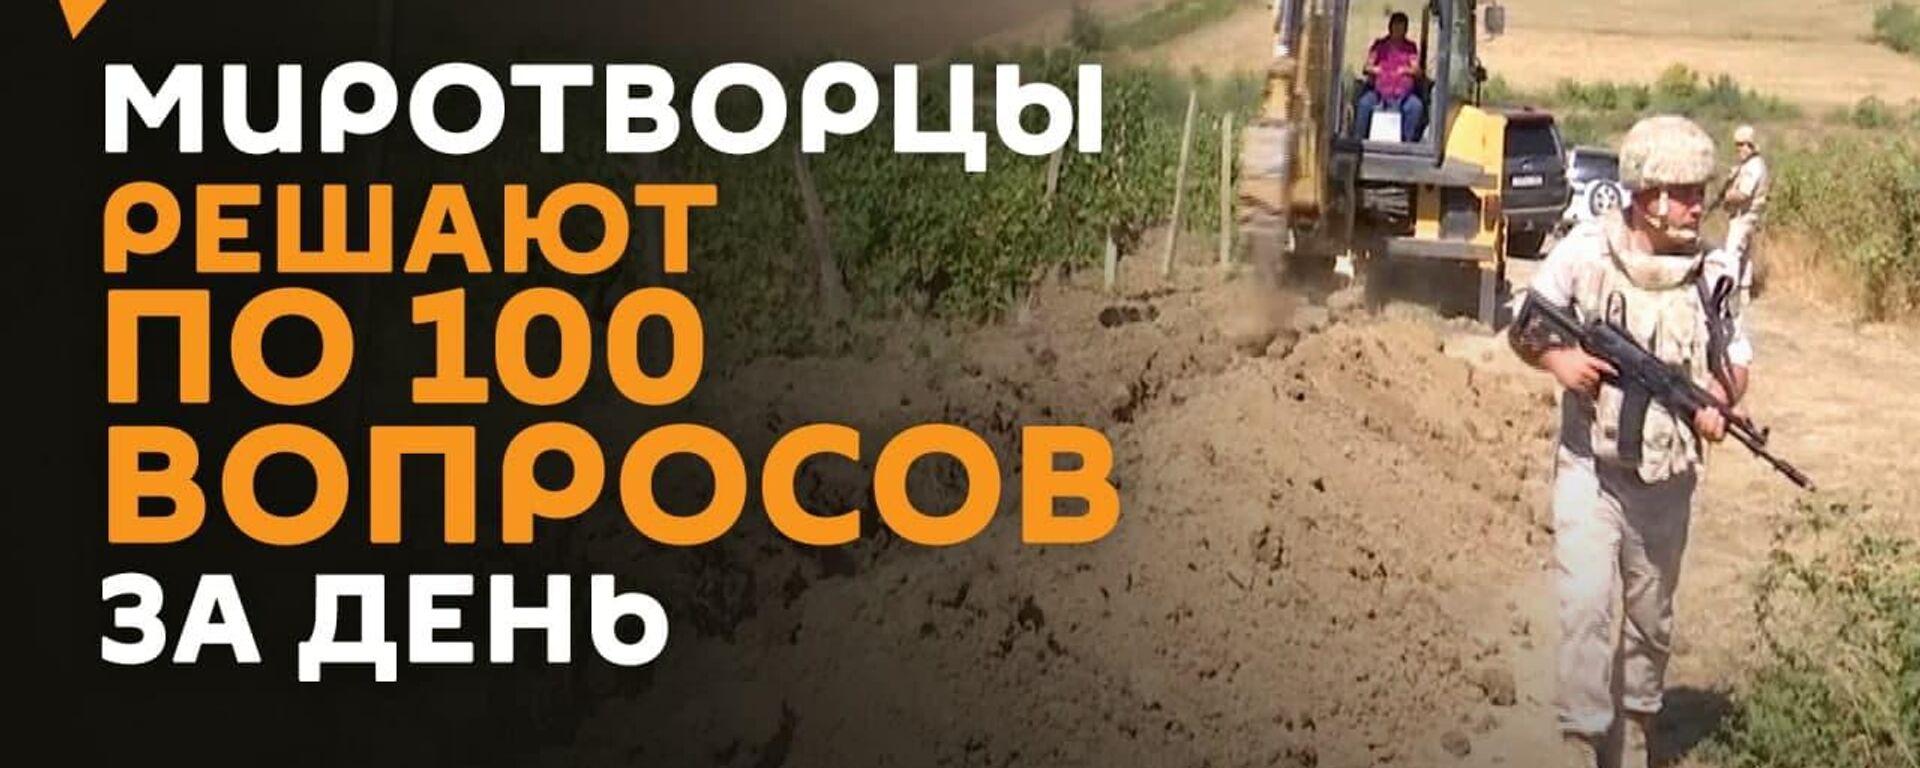 Российские миротворцы ежедневно решают более 100 различных социальных вопросов жителей, проживающих  - Sputnik Армения, 1920, 20.09.2021